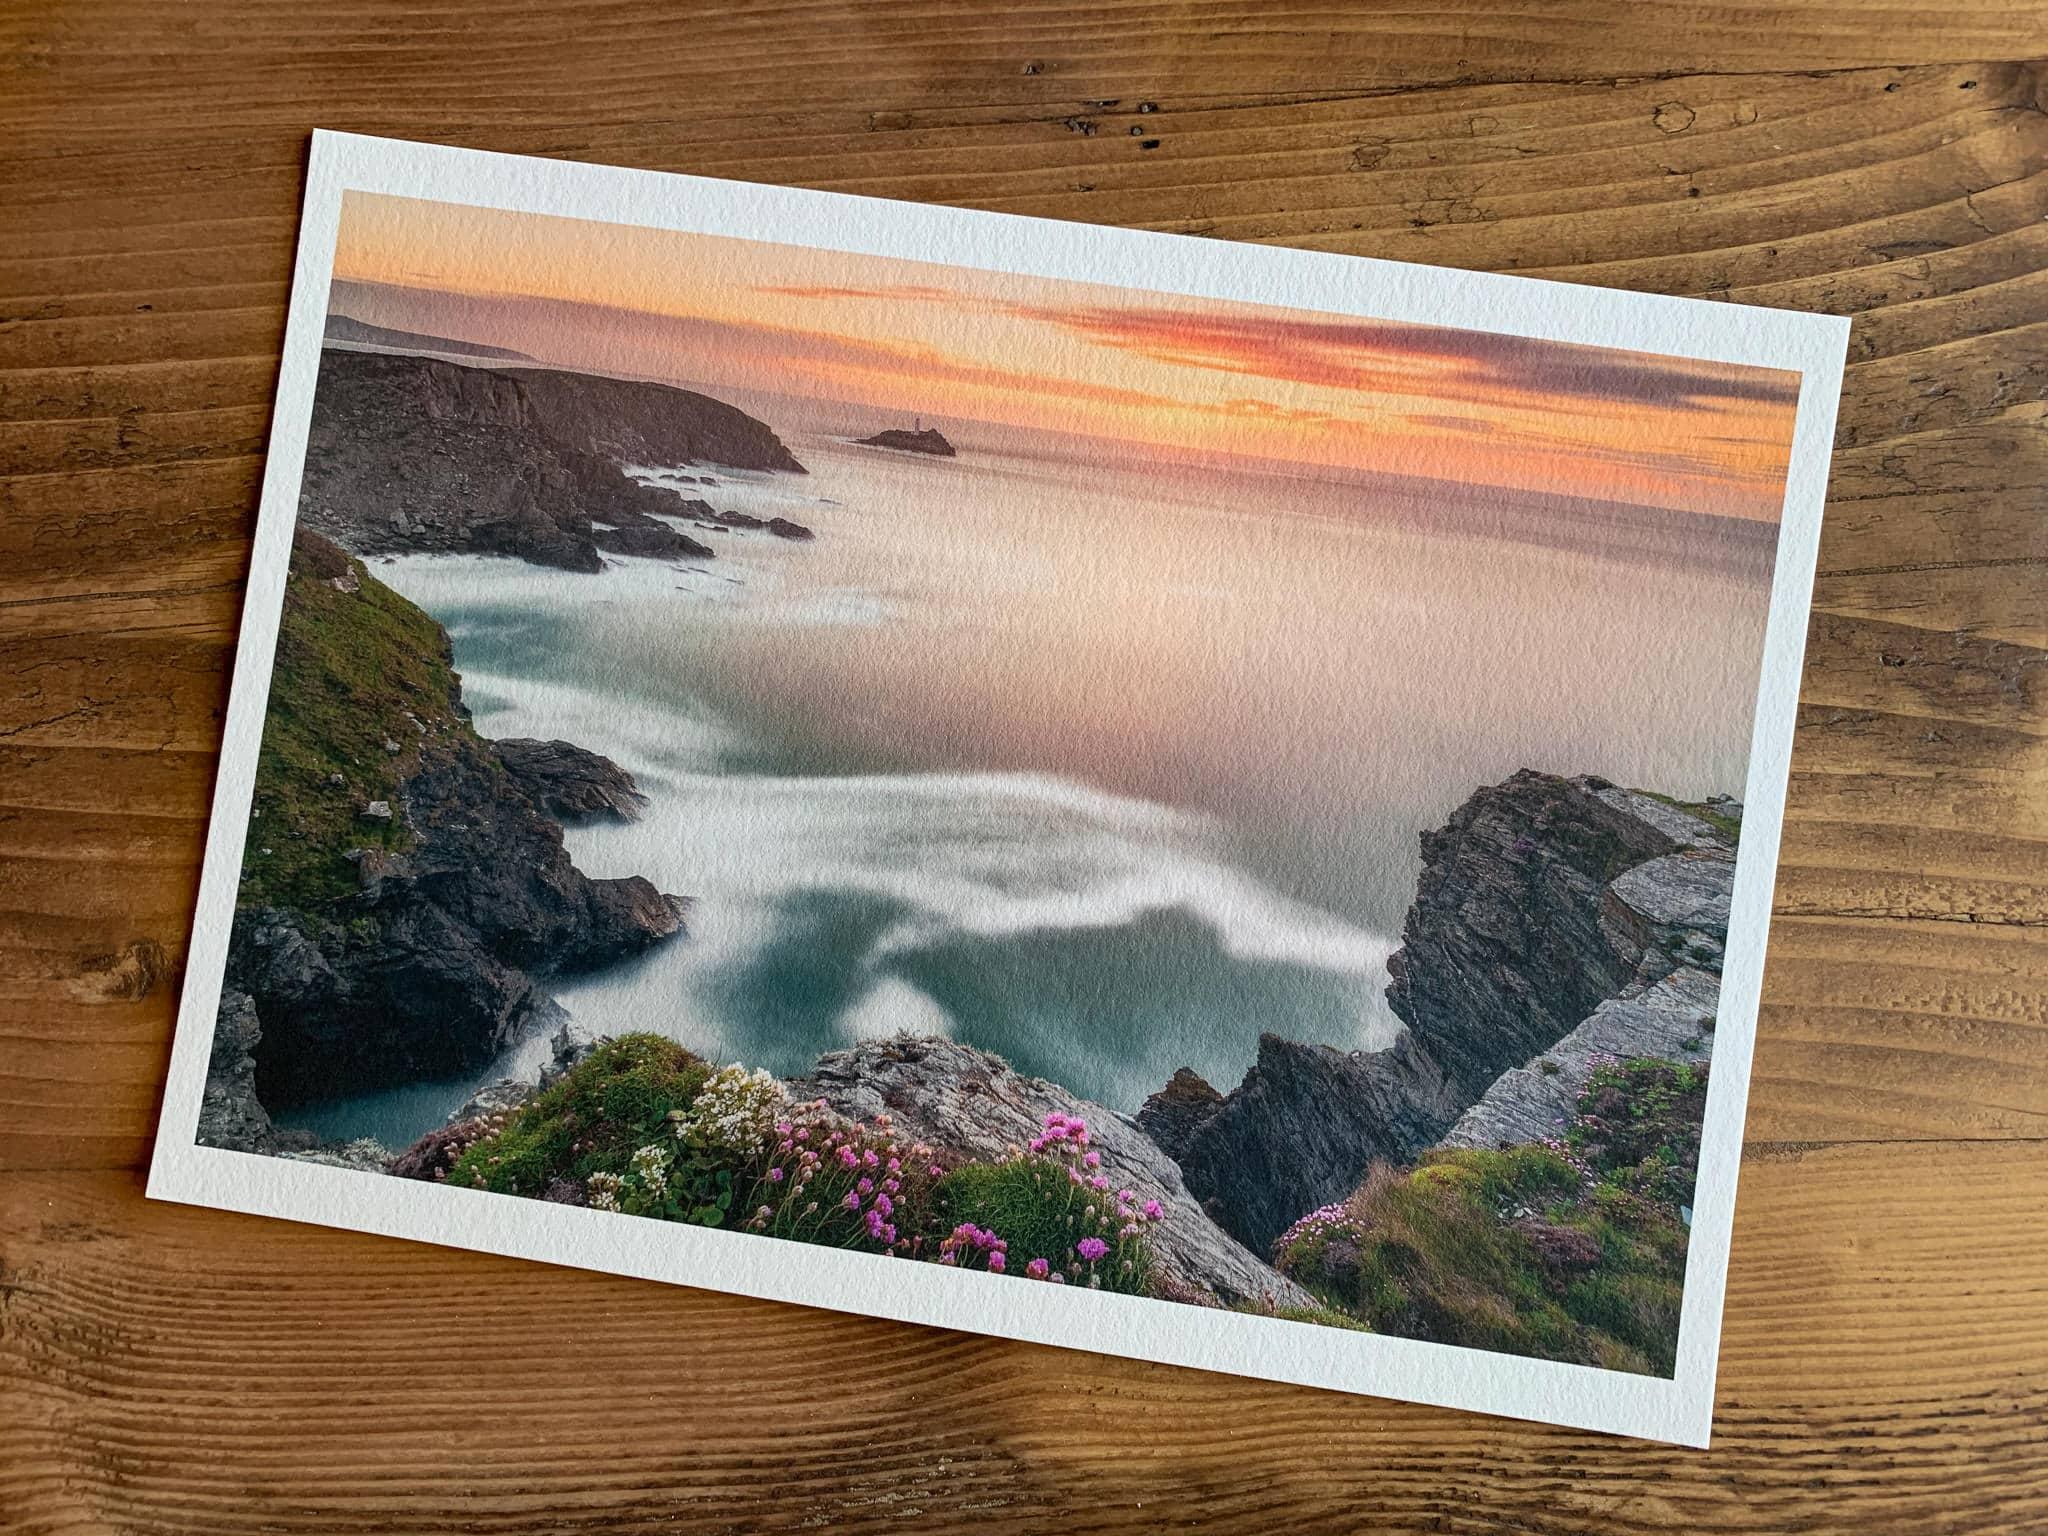 Francesco Gola Seascape Long Exposure Photography Review Best Fine Art Paper Hahnemuhle Hahnemühle 19